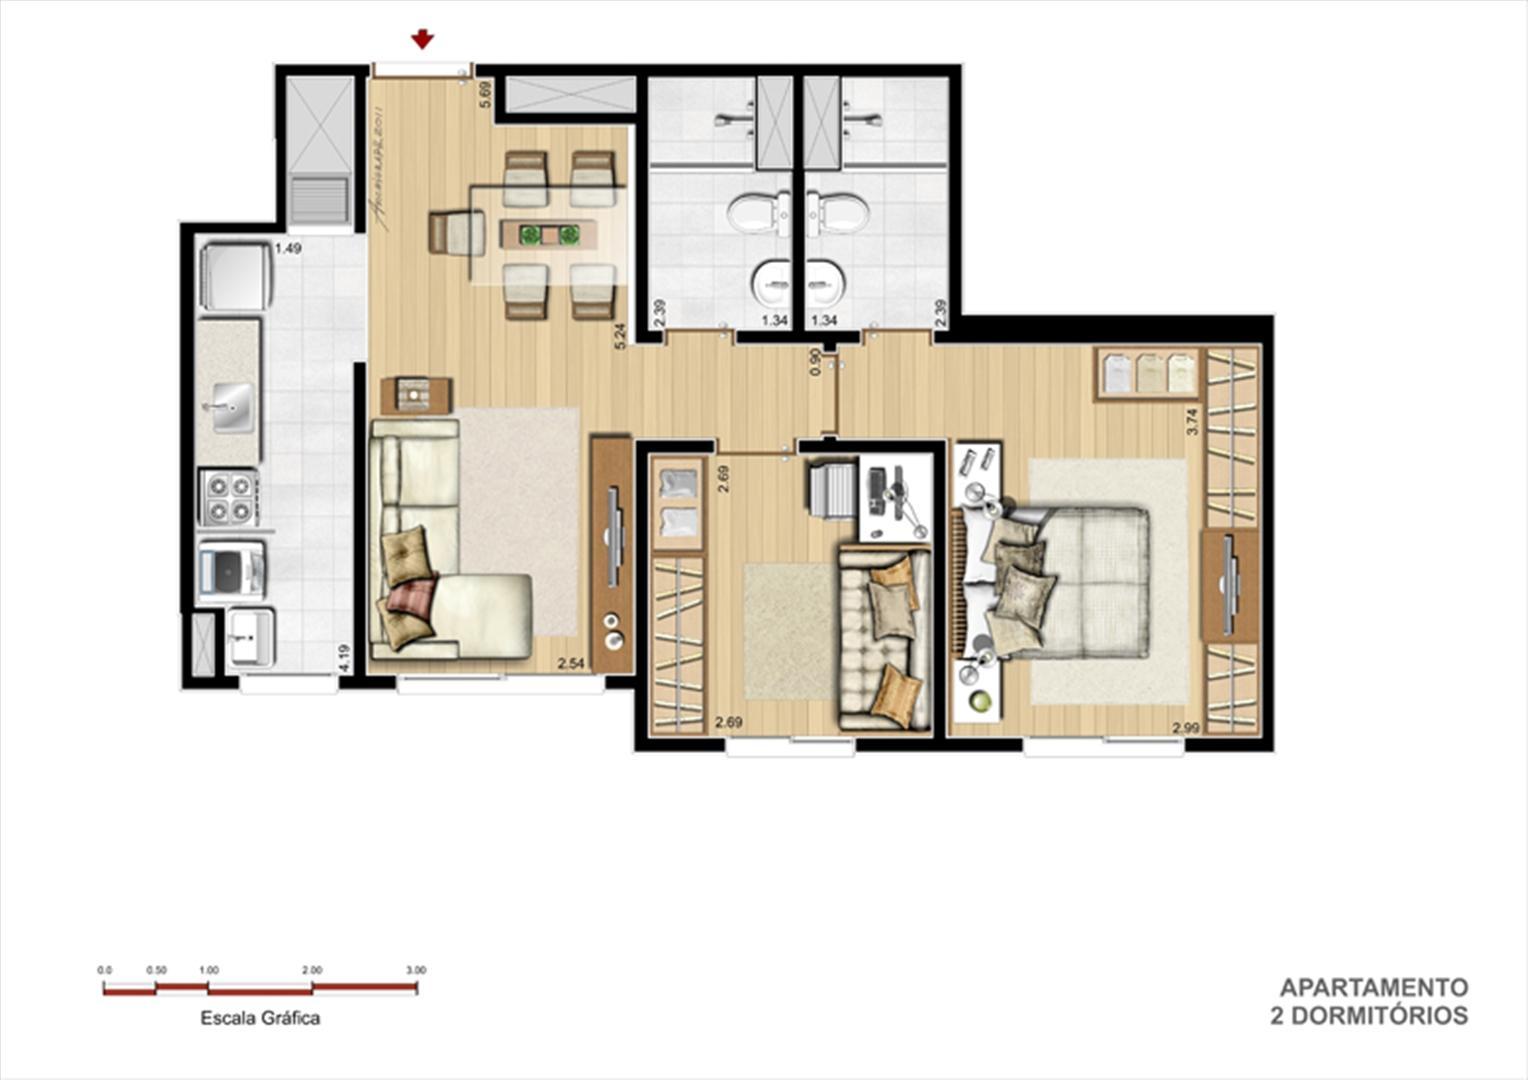 Planta Apto. 2 Dorm. com suíte 56 m² | Grand Square Zona Norte – Apartamento no  Sarandí - Porto Alegre - Rio Grande do Sul